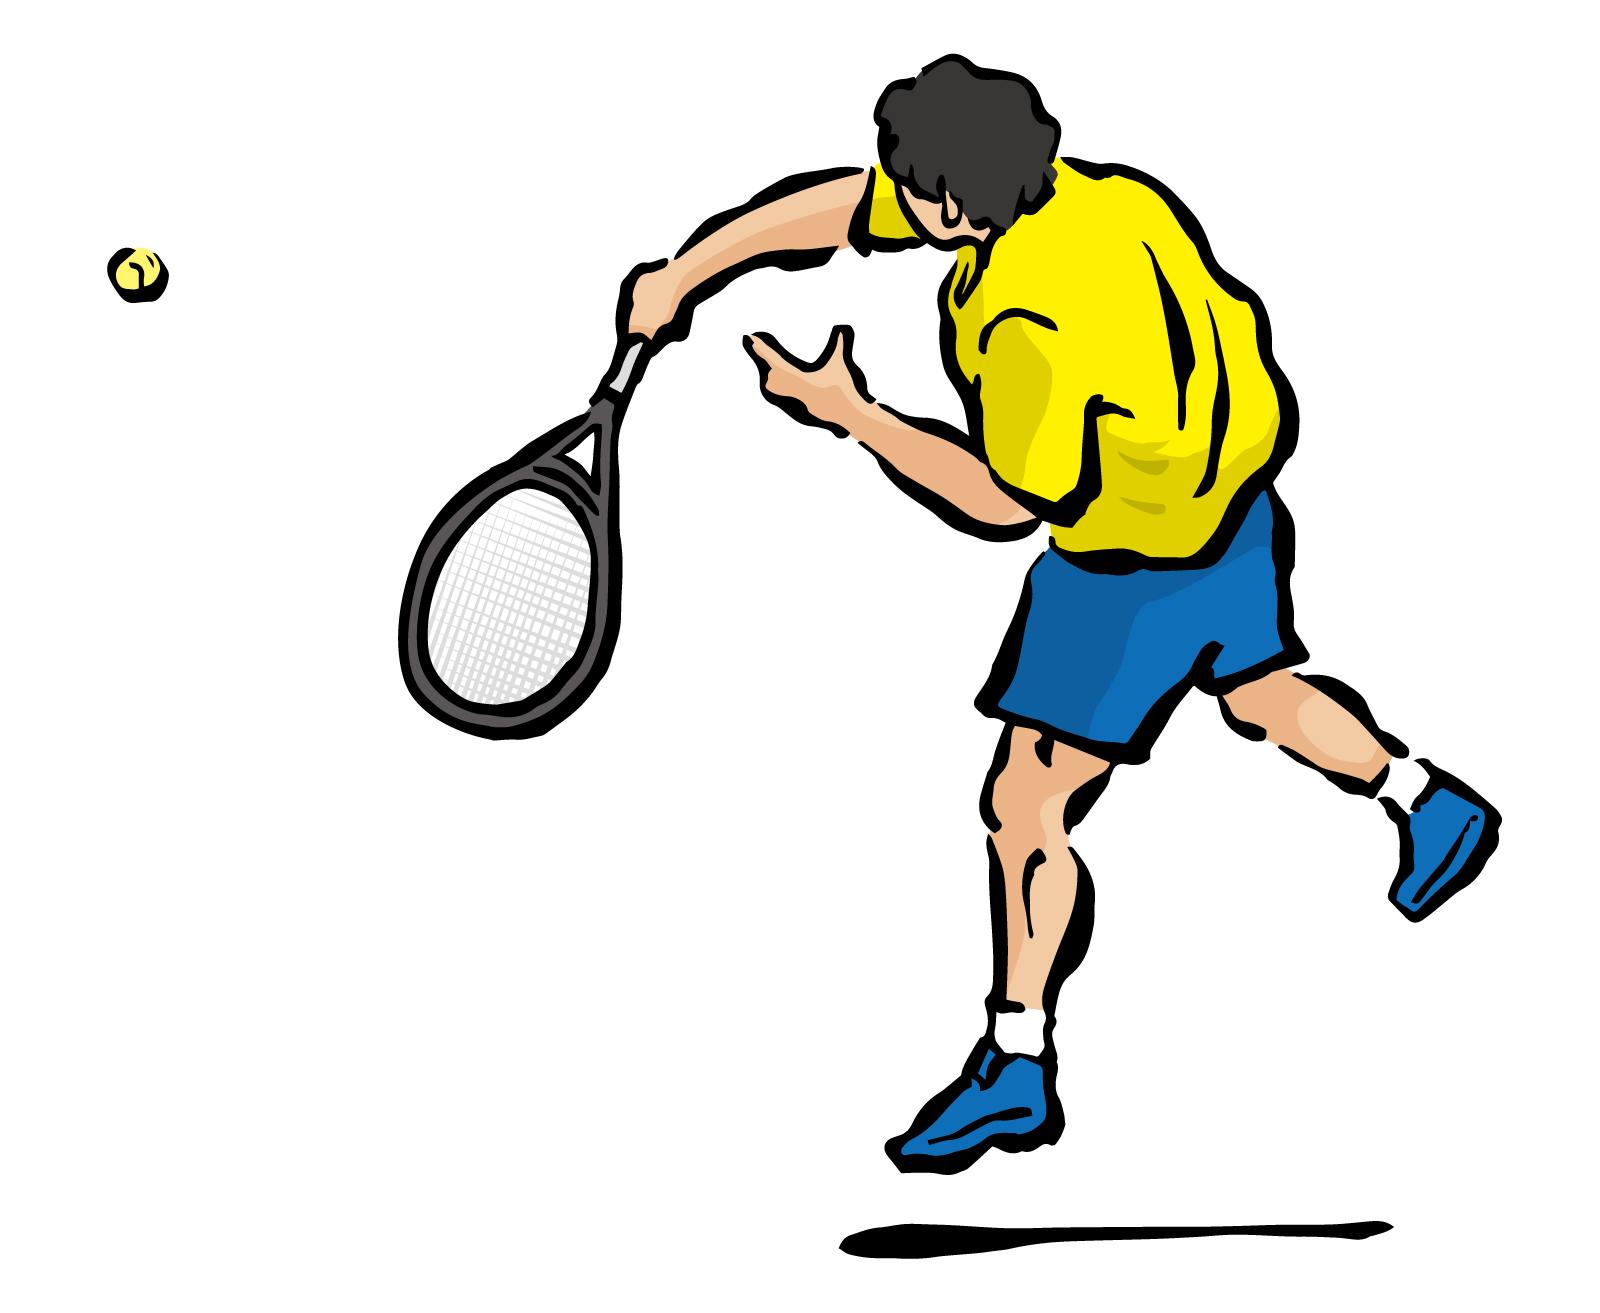 2017全米オープンテニス決勝でケビン・アンダーソンは奇跡を起こせるか